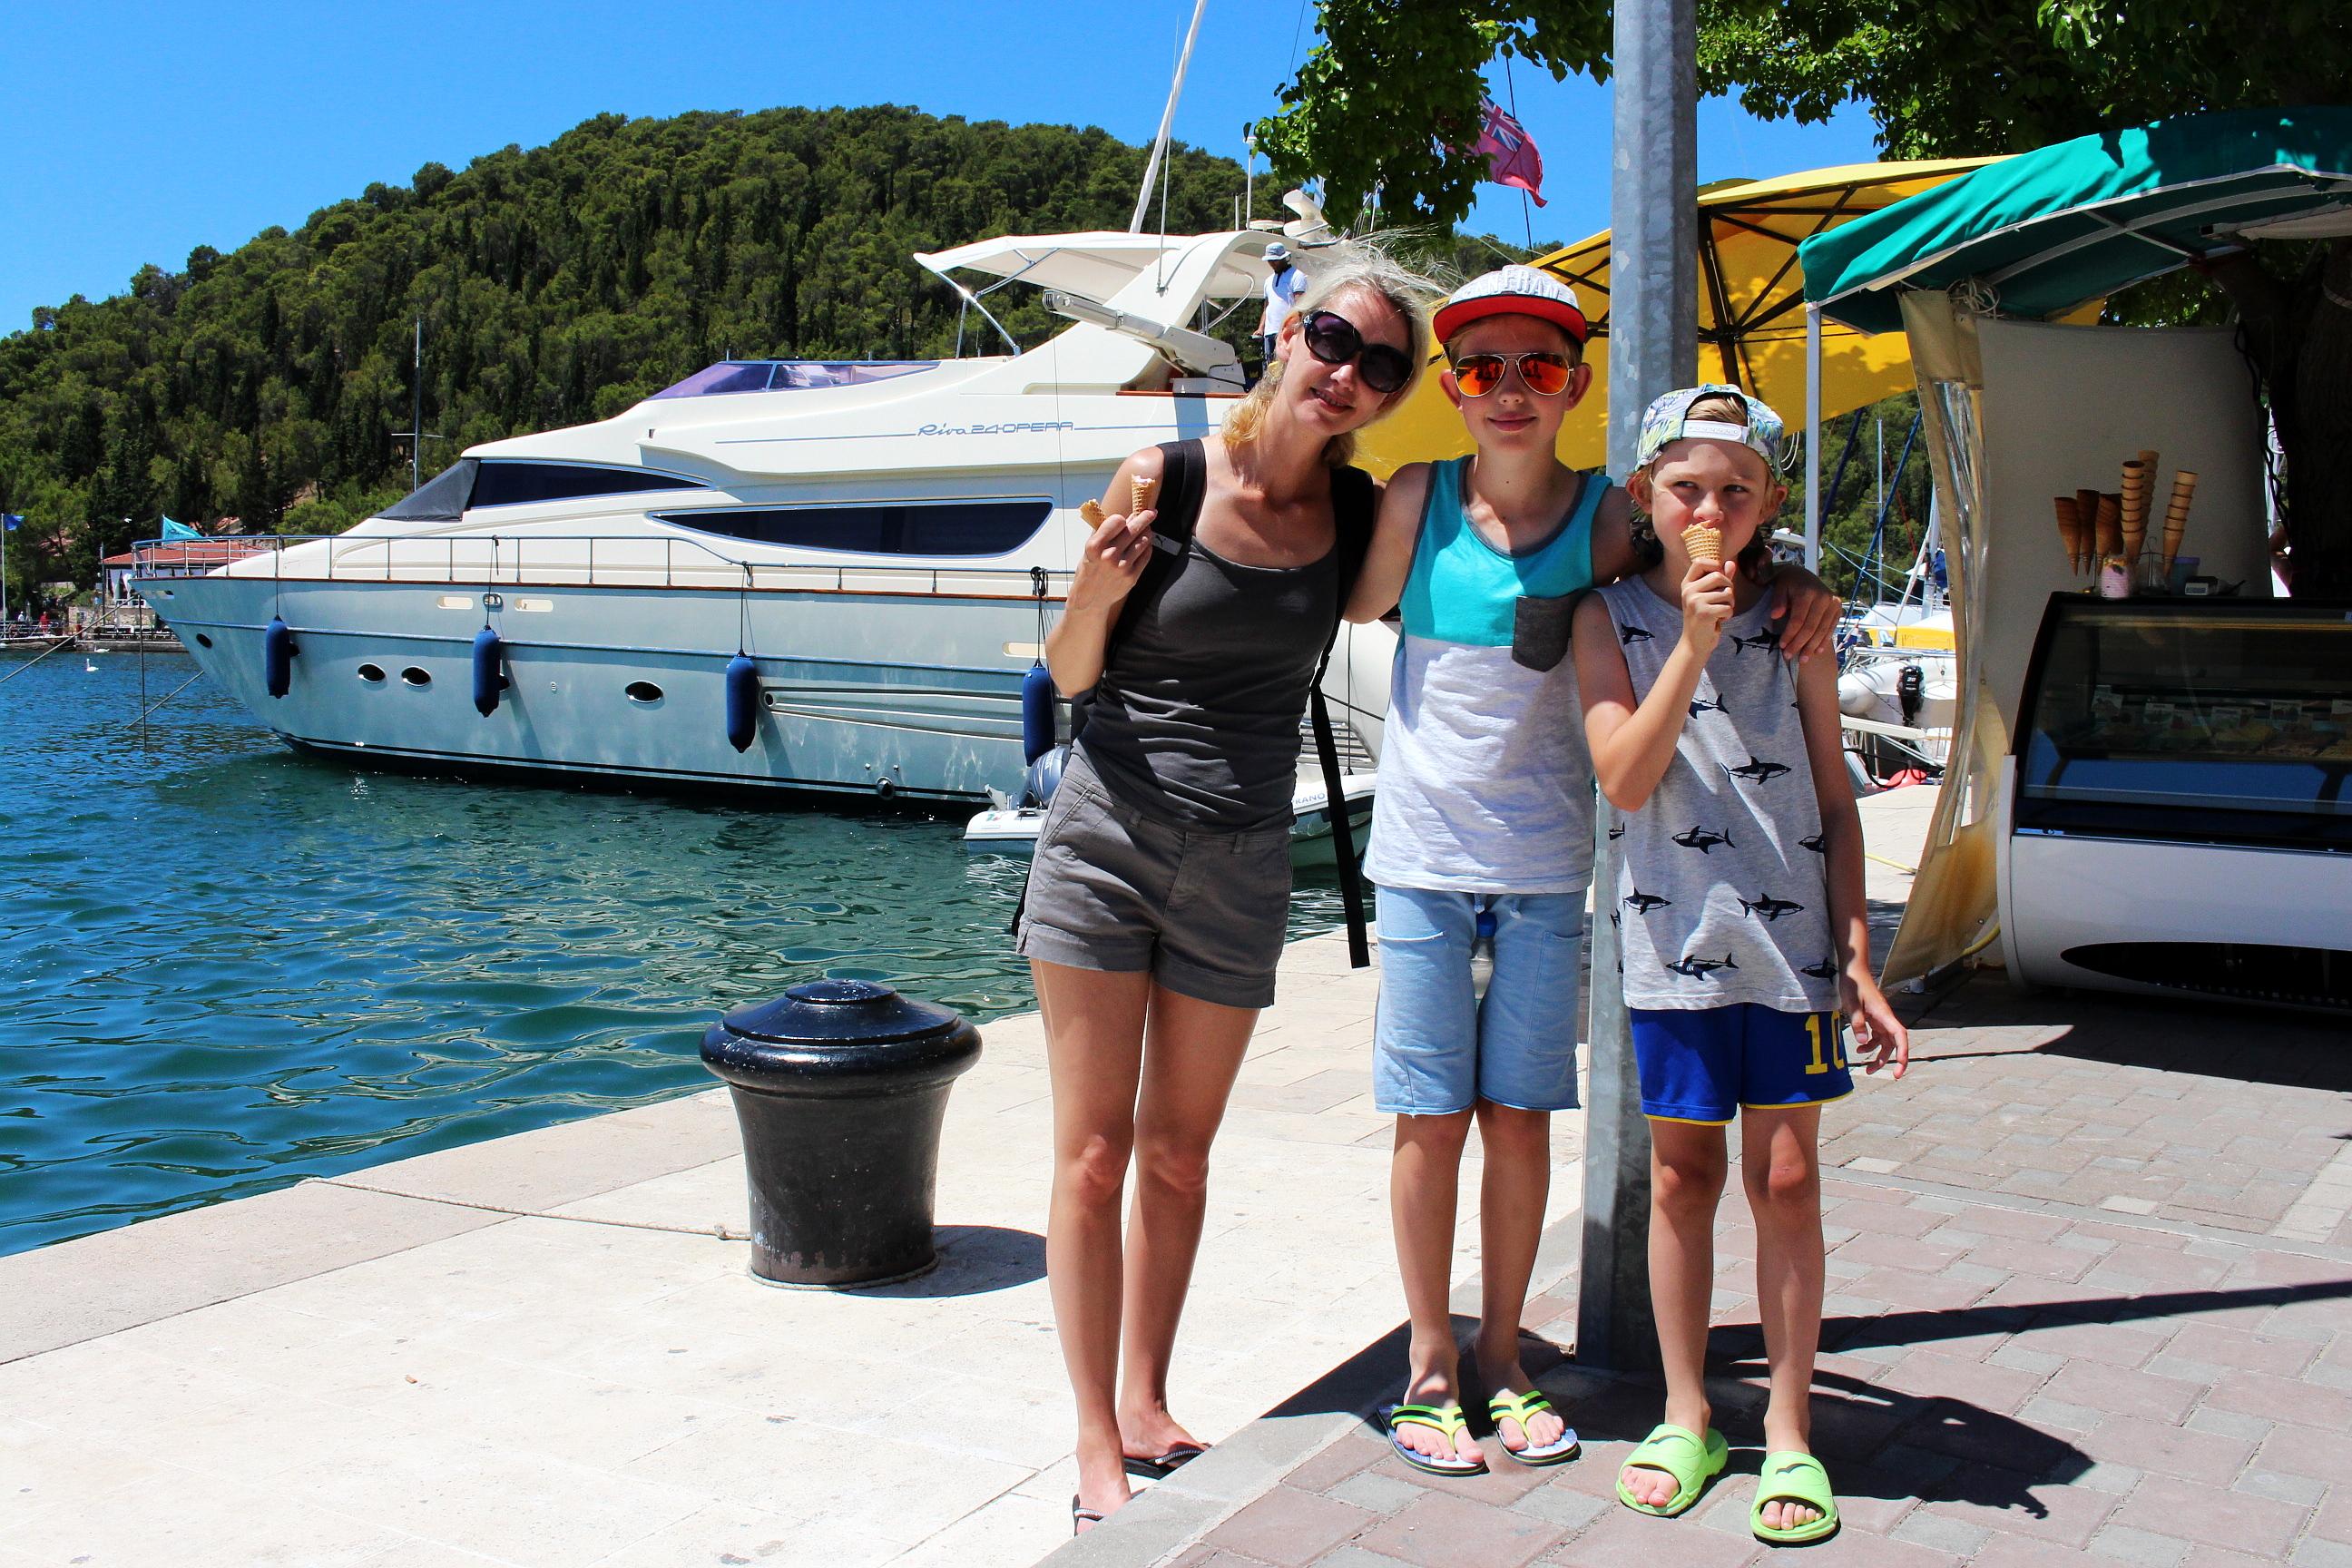 MS Marintjänst är er personliga agent för båtcharter i Kroatien. Vi hjälper er att få uppleva era drömmars semester med båt i det fantastiska storslagna seglingslandet Kroatien